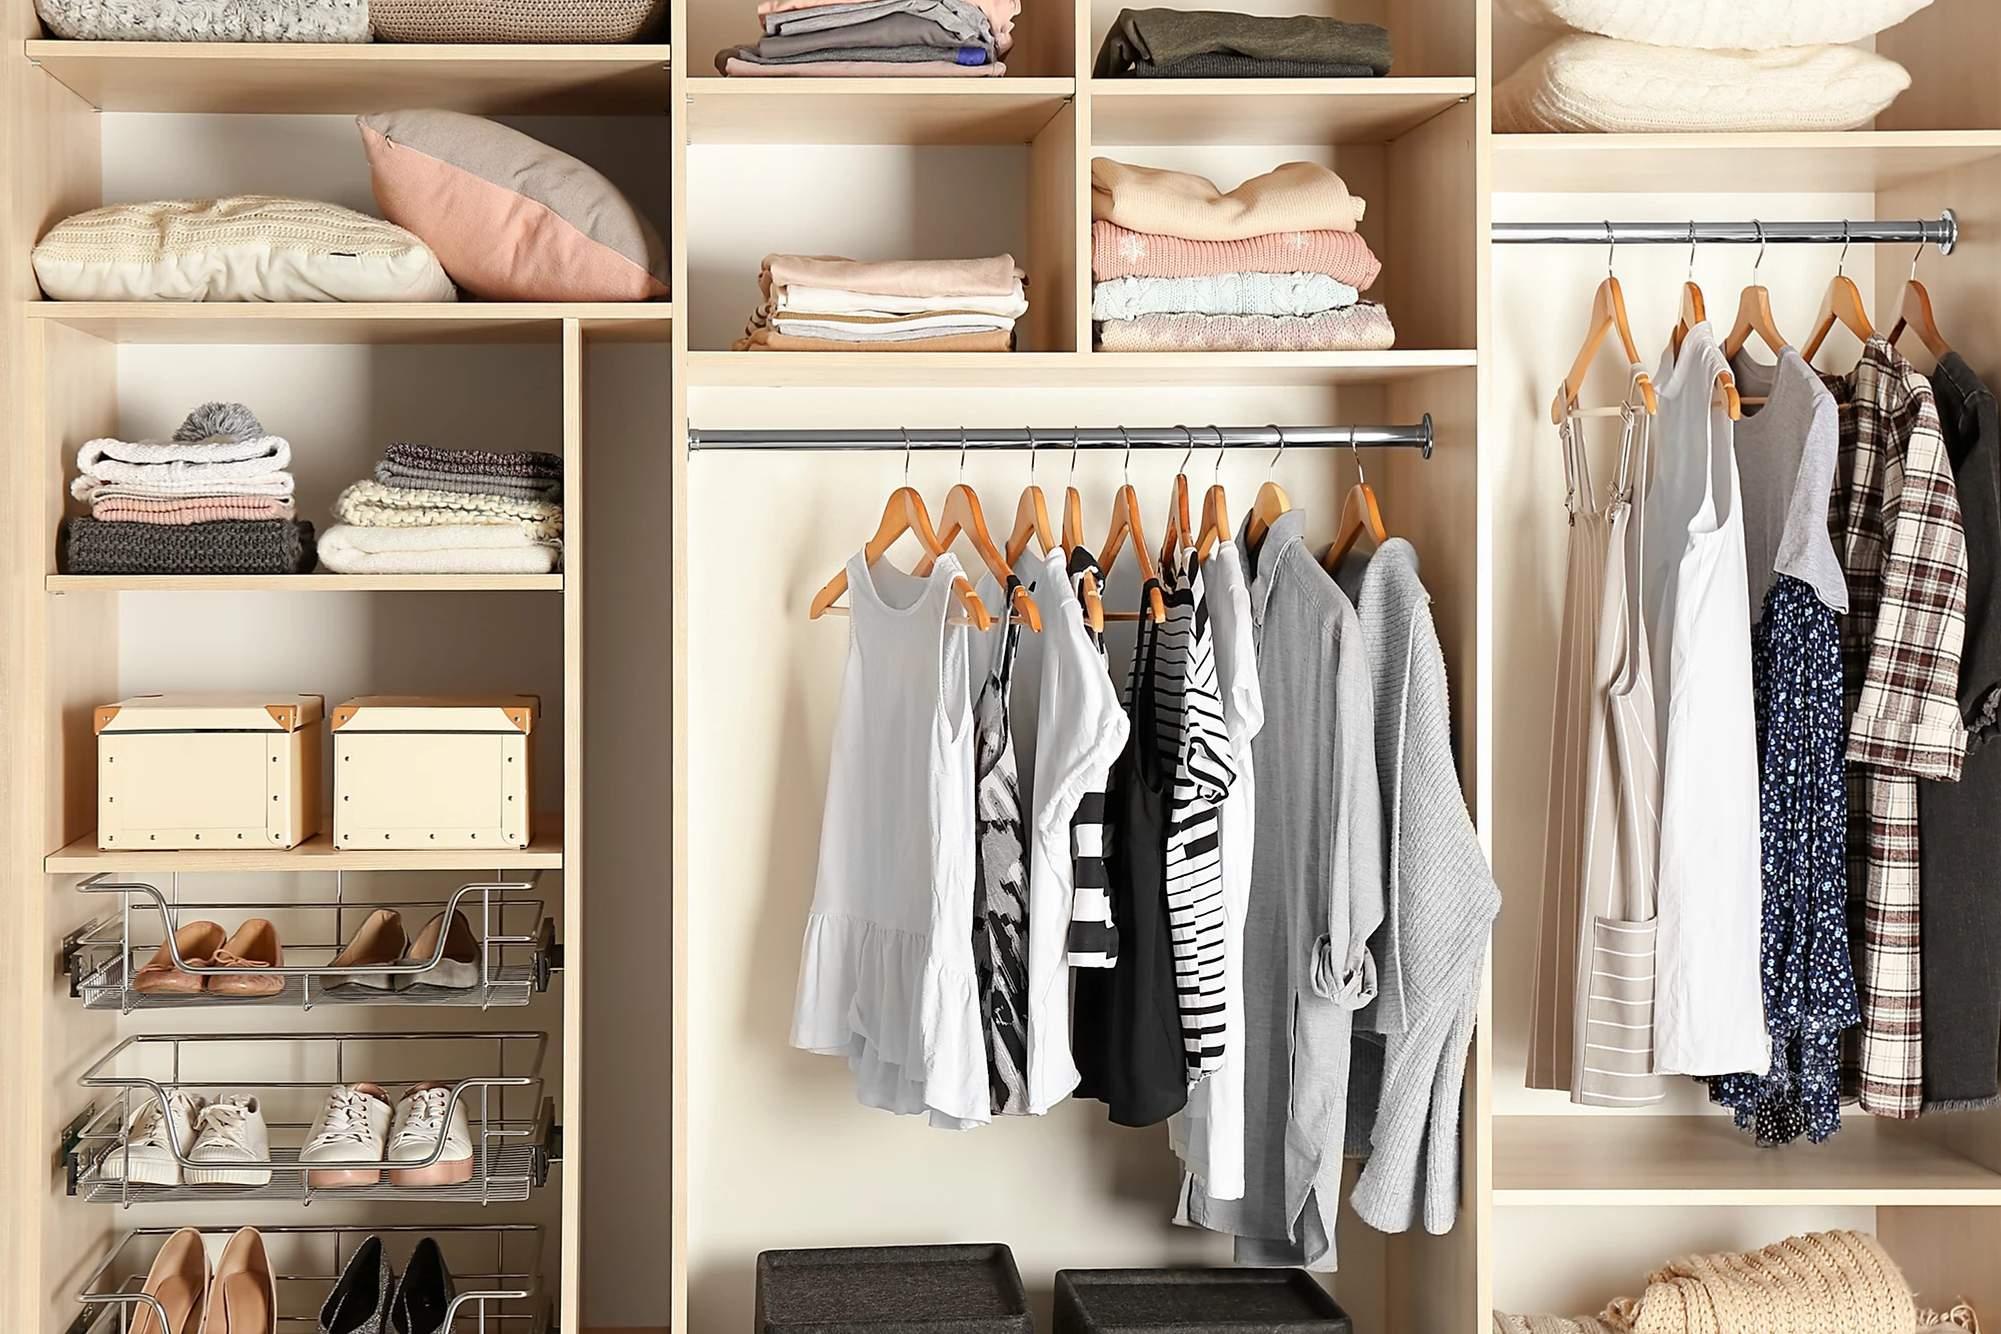 """4 Cách xây dựng tủ đồ trả lời câu hỏi """"Hôm nay mặc gì?"""""""